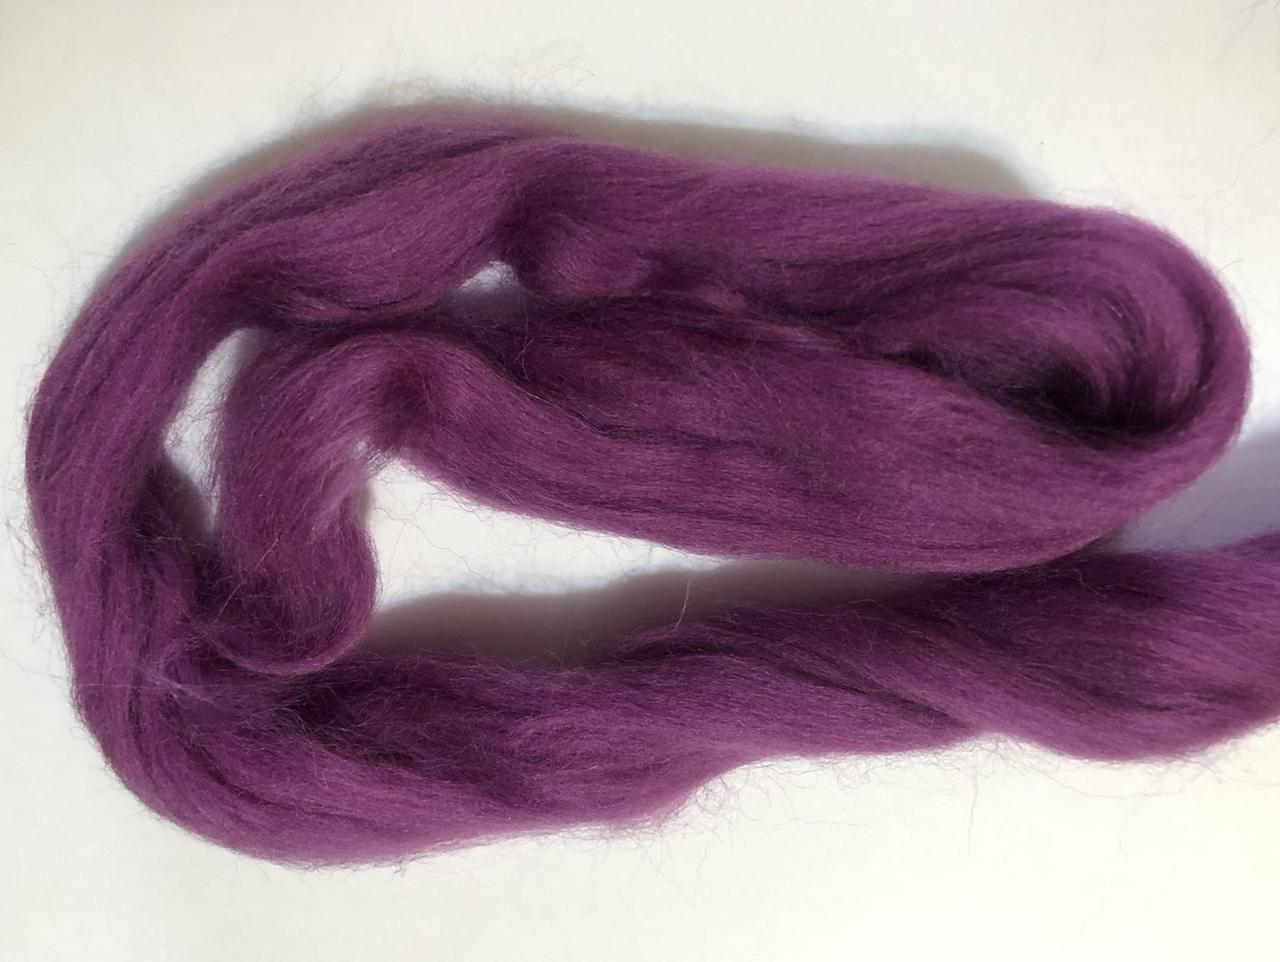 Шерсть для валяния австралийский меринос 23 микрон (10 грамм = 25 см) - сирень фиолетовая. Фелтинг. Вовна